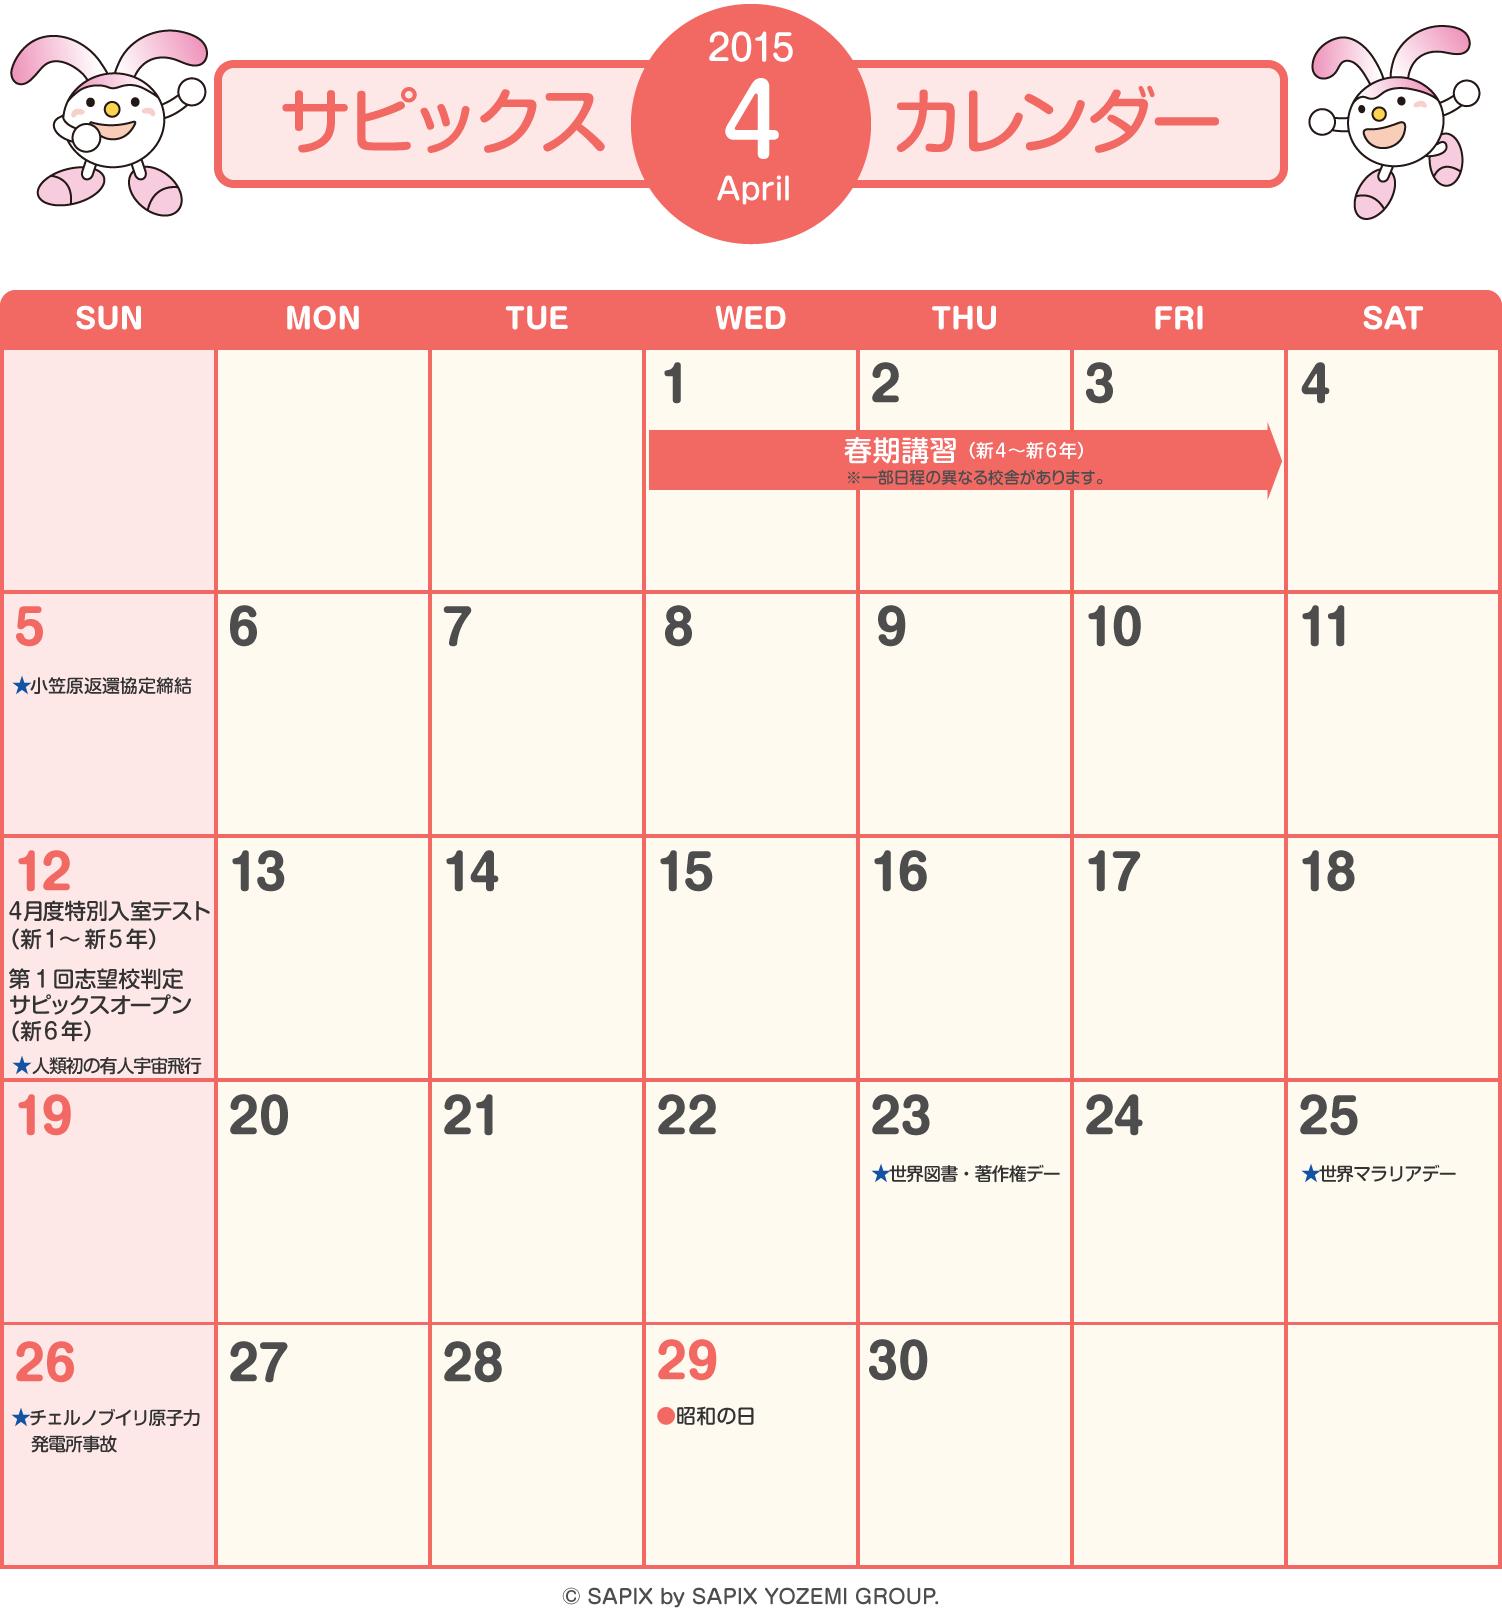 カレンダー カレンダー 2015年4月 : サピックスカレンダー 2015年4月